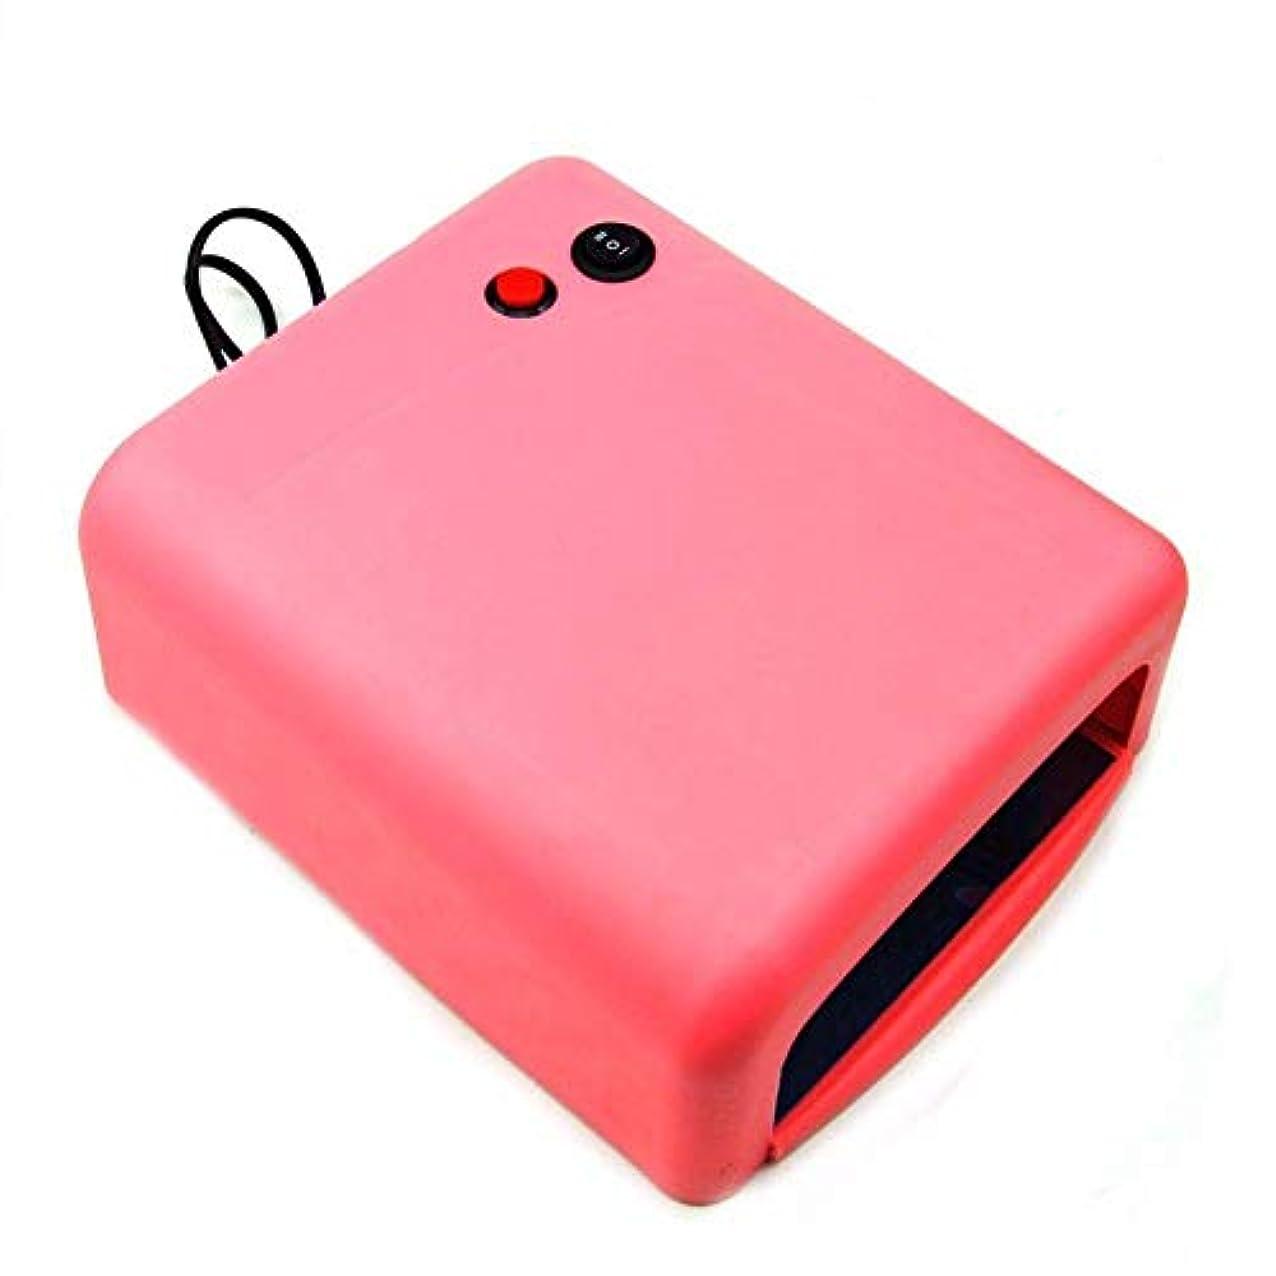 命令的土器ネイルドライヤーネイルドライヤー36WプロのUV LEDランプネイルドライヤーポリッシュマシン用ネイルジェルEU / USプラグ4X 9Wランプピンク色、写真の色